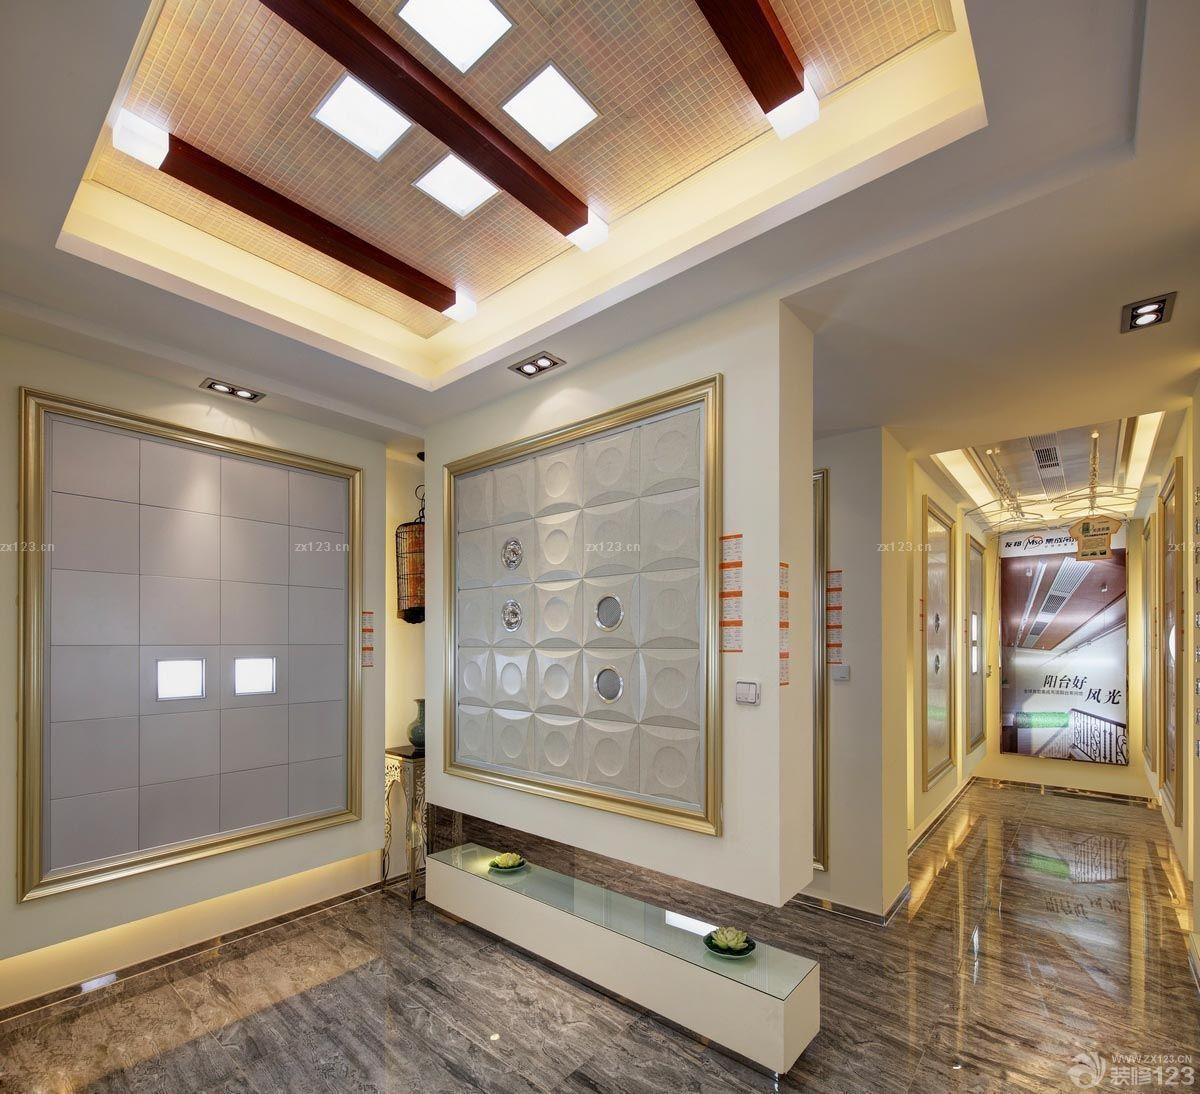 90平米三室一厅客厅集成吊顶灯装修效果图